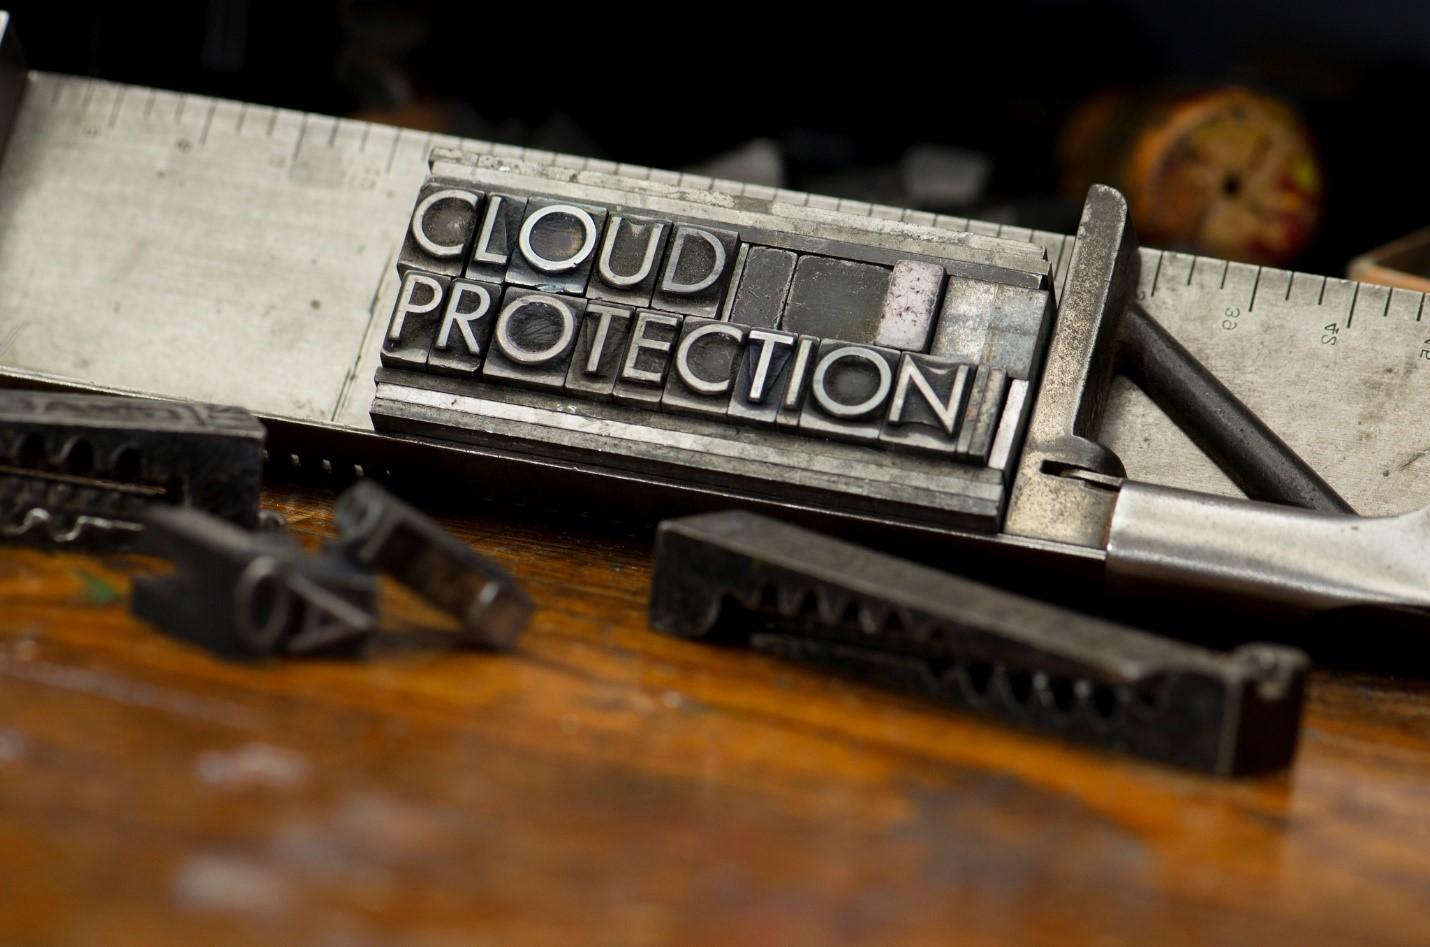 Как IaaS-провайдер работает с ИБ: угрозы и защита